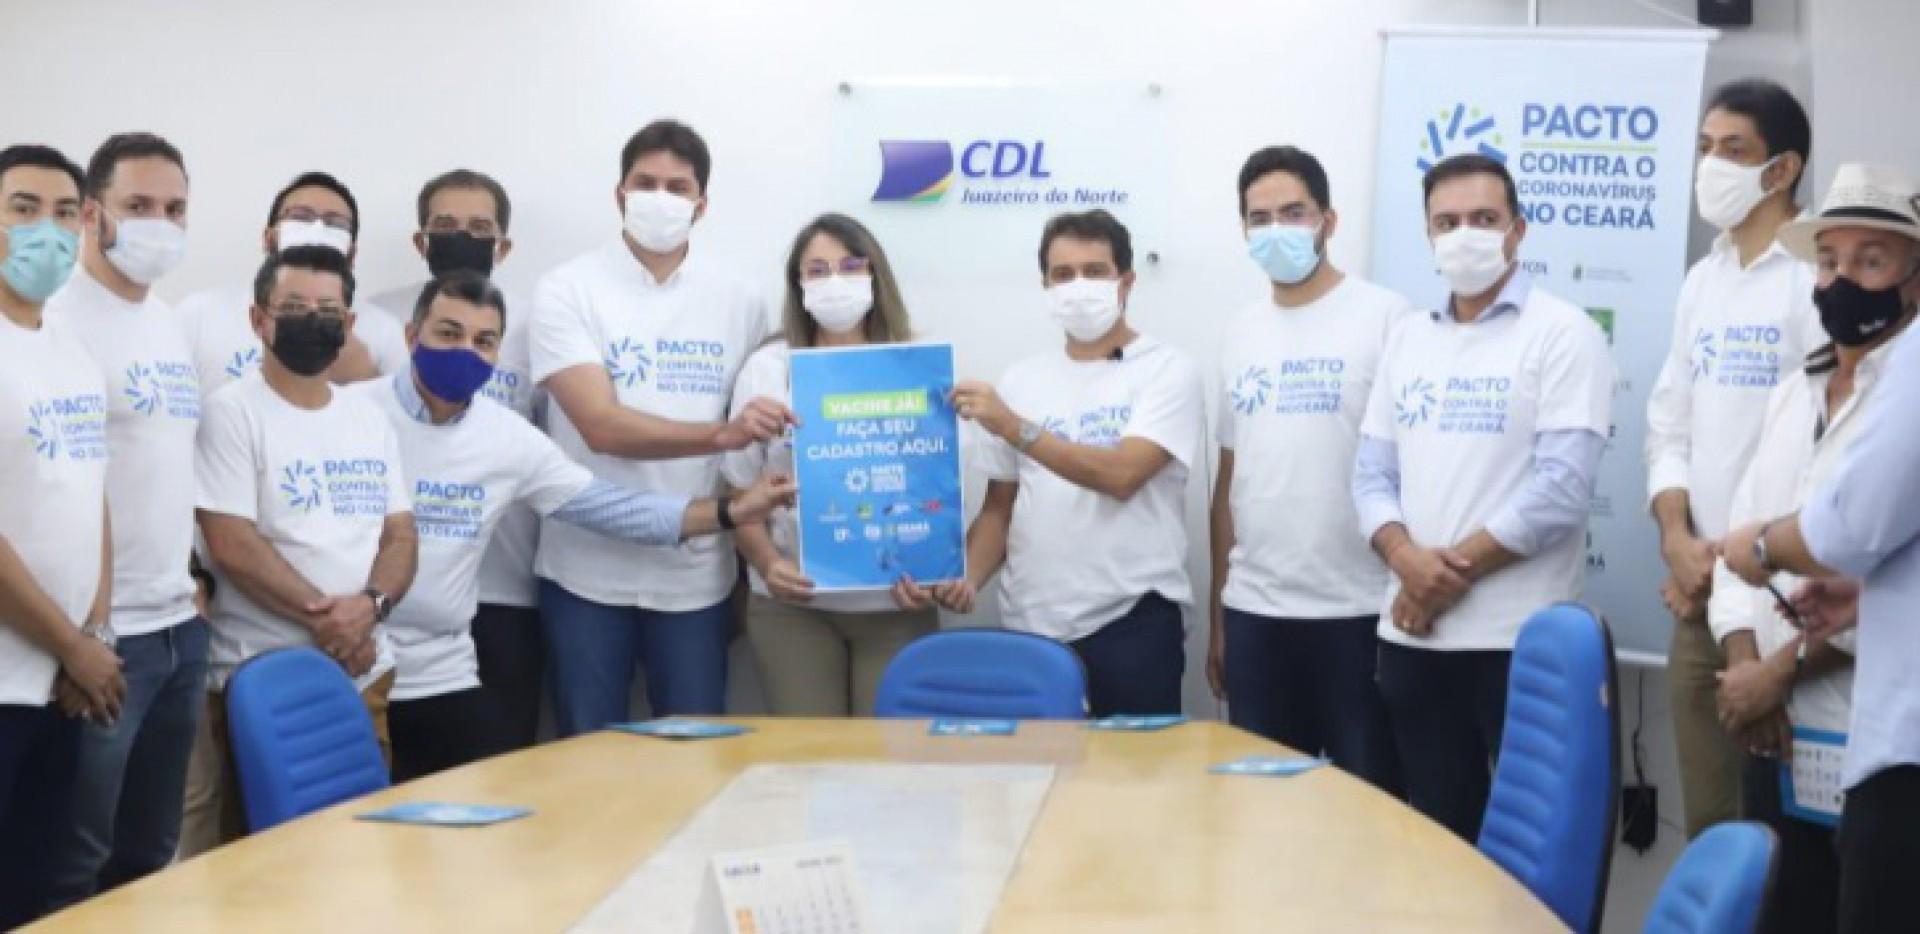 Pacto Contra o Coronavírus esteve hoje no Cariri (Foto: DIVULGAÇÃO)